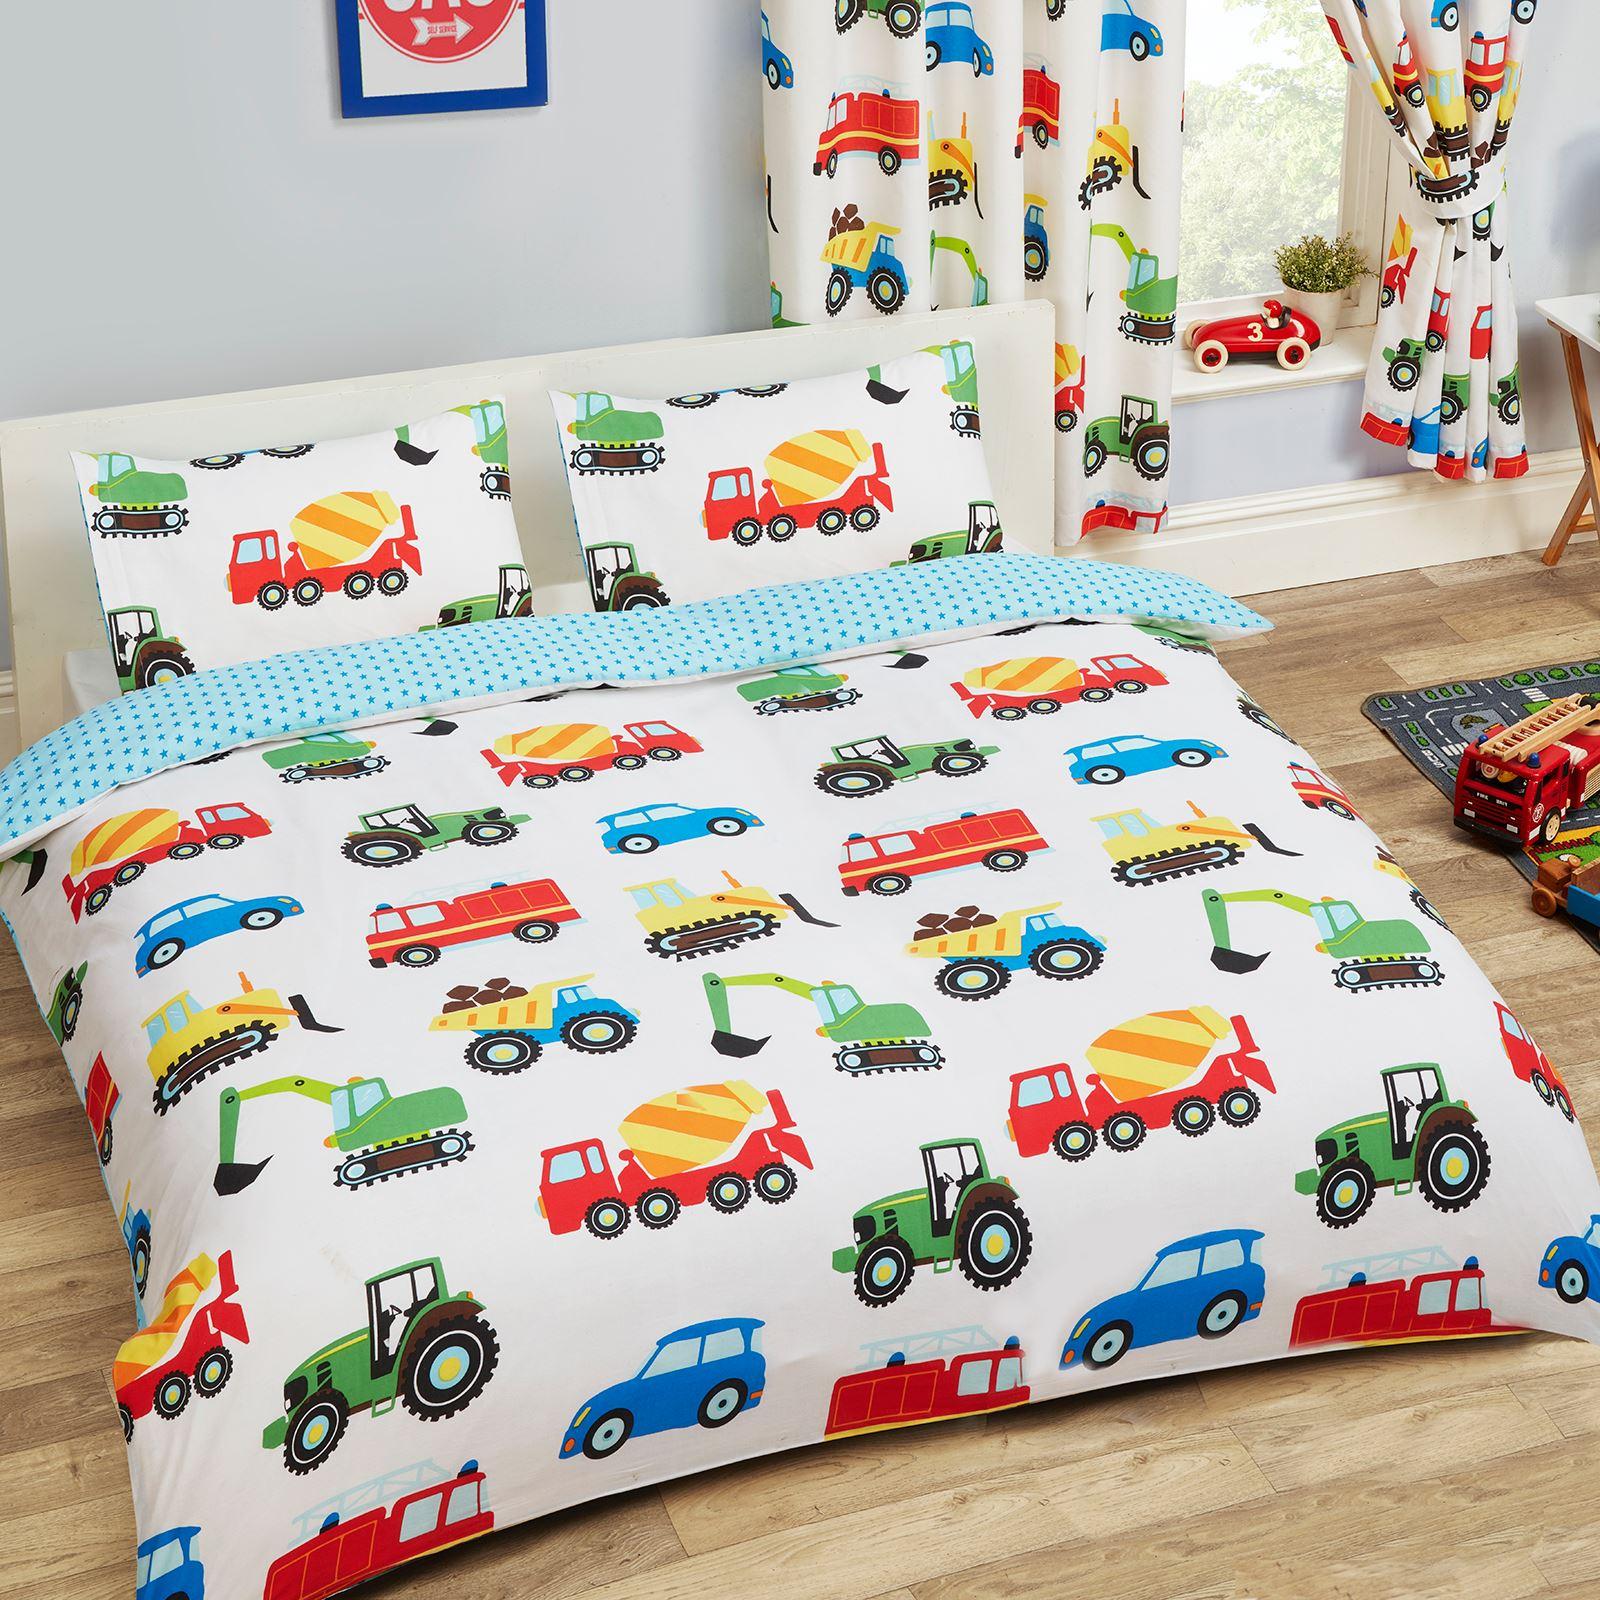 enfants housse de couette double ensembles dinosaures. Black Bedroom Furniture Sets. Home Design Ideas